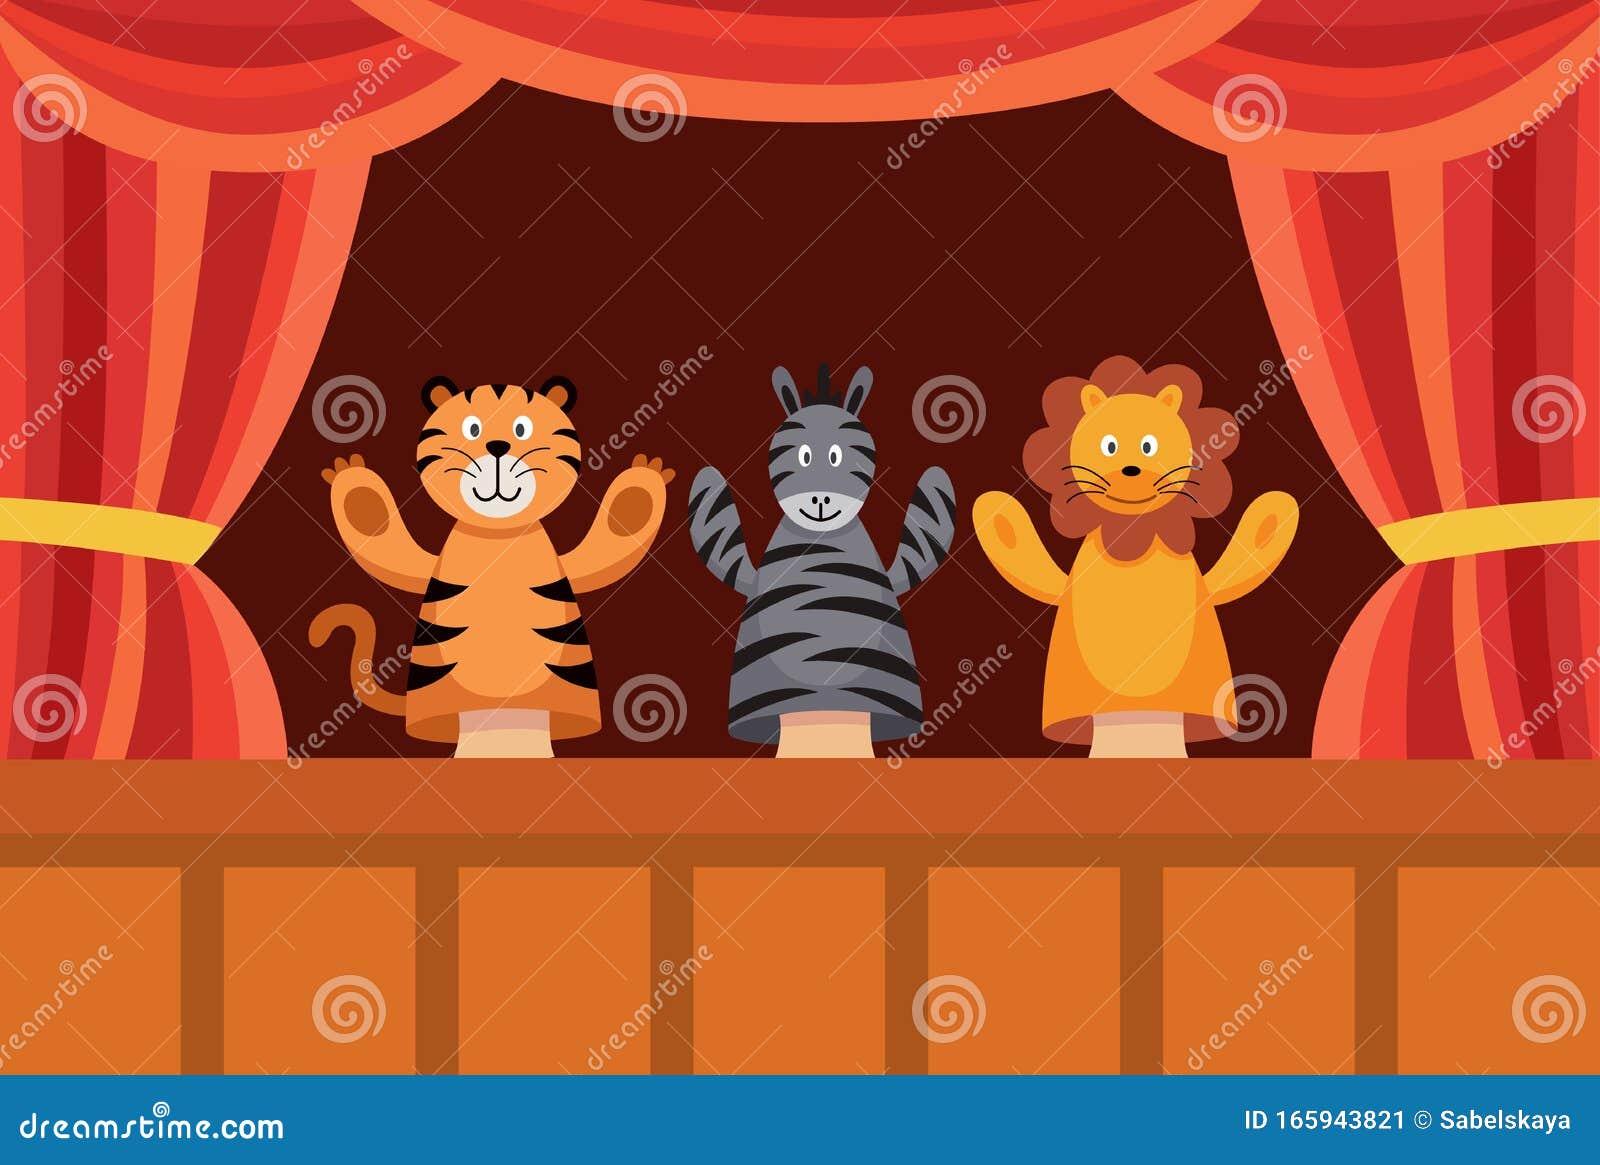 Afiche De La Muestra De Marionetas De Mano Con Animales De Juguete De Dibujos Animados Que Realizan Una Obra De Teatro Ilustración Del Vector Ilustración De Humor Juego 165943821